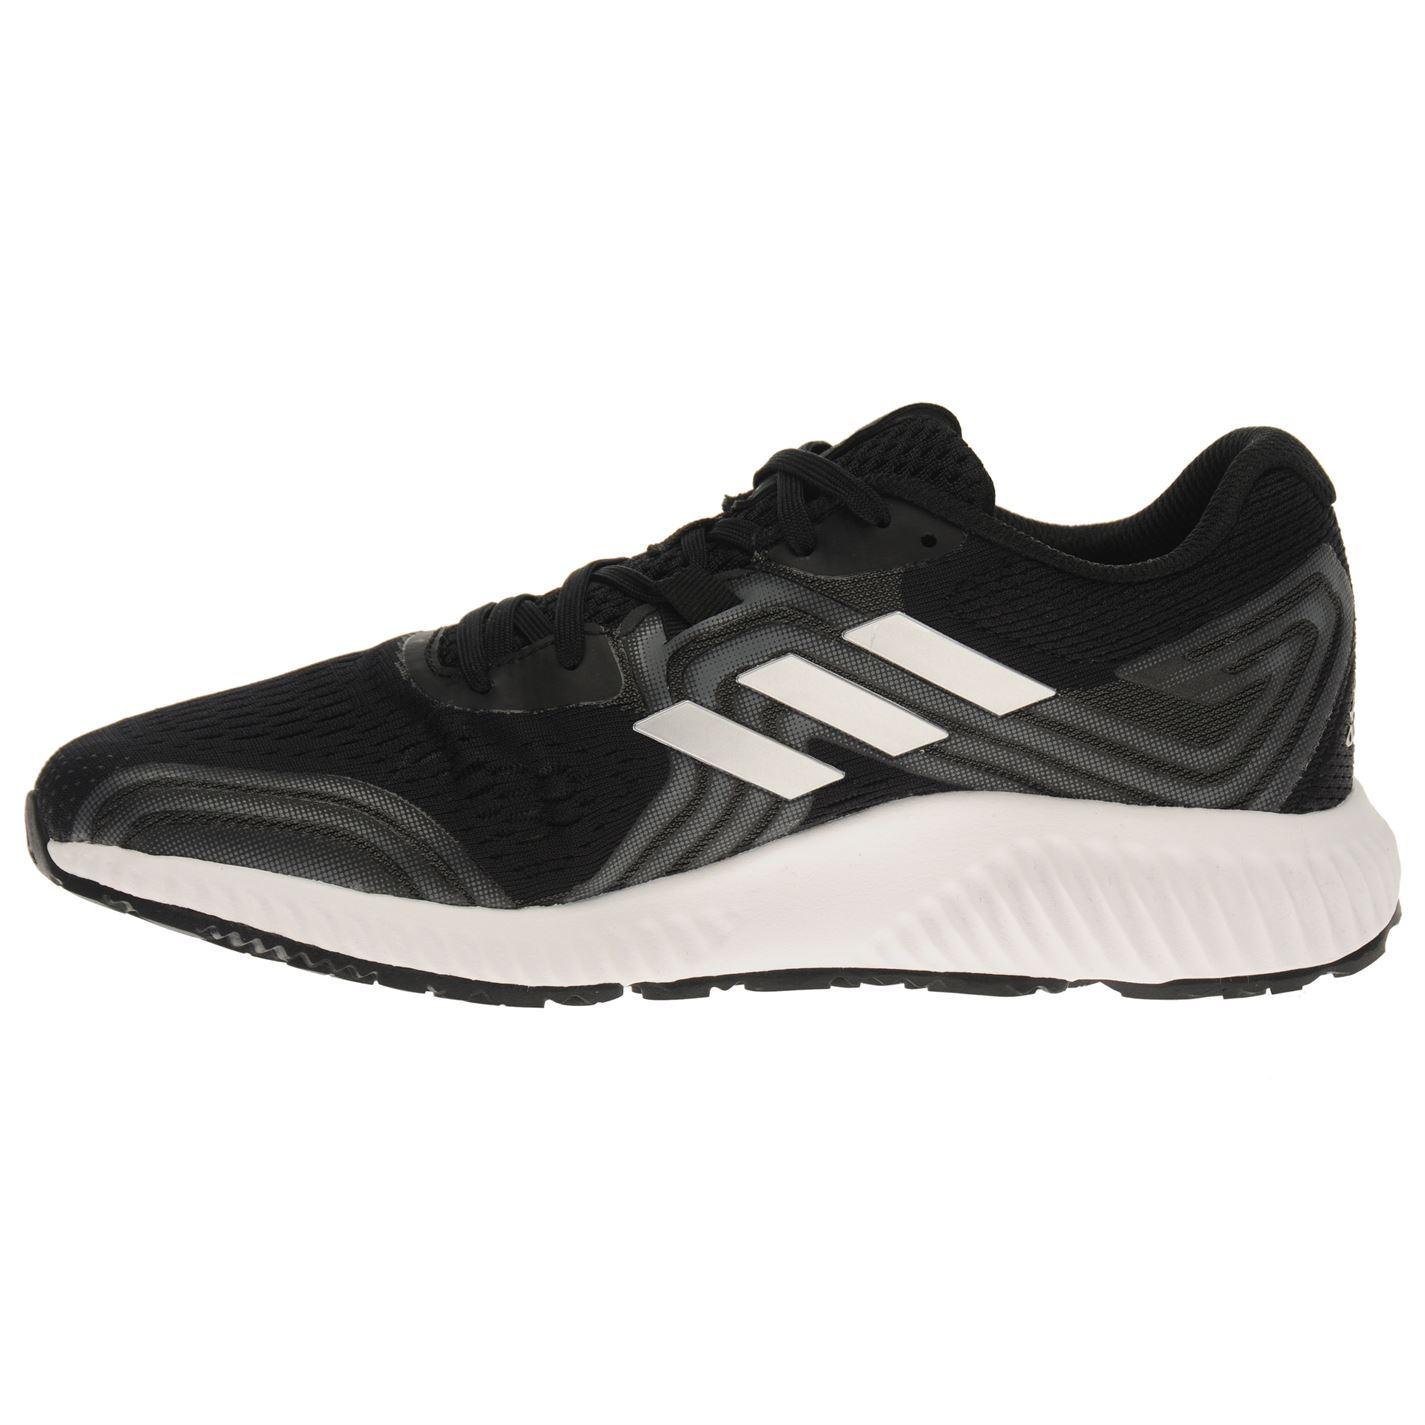 Detalles de Adidas Aero Rebotar 2 Zapatillas Running Hombre Negro Fitness Trote